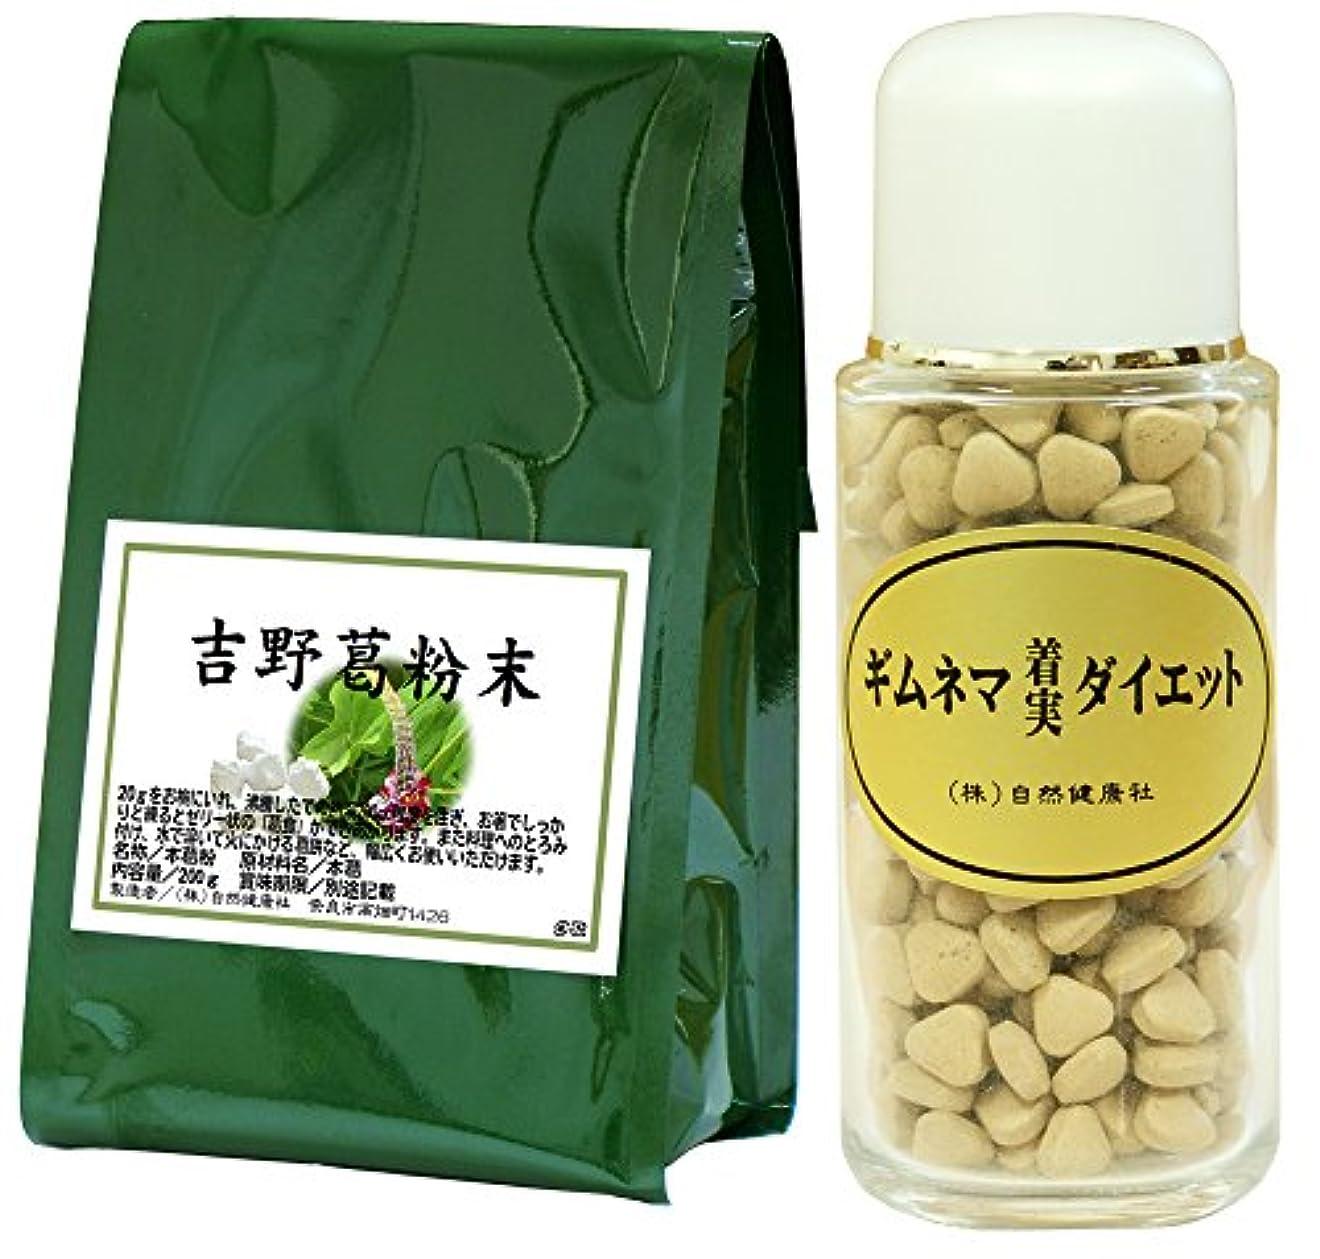 ポイントローズ味方自然健康社 国産吉野葛粉末 200g + ギムネマダイエット 90g